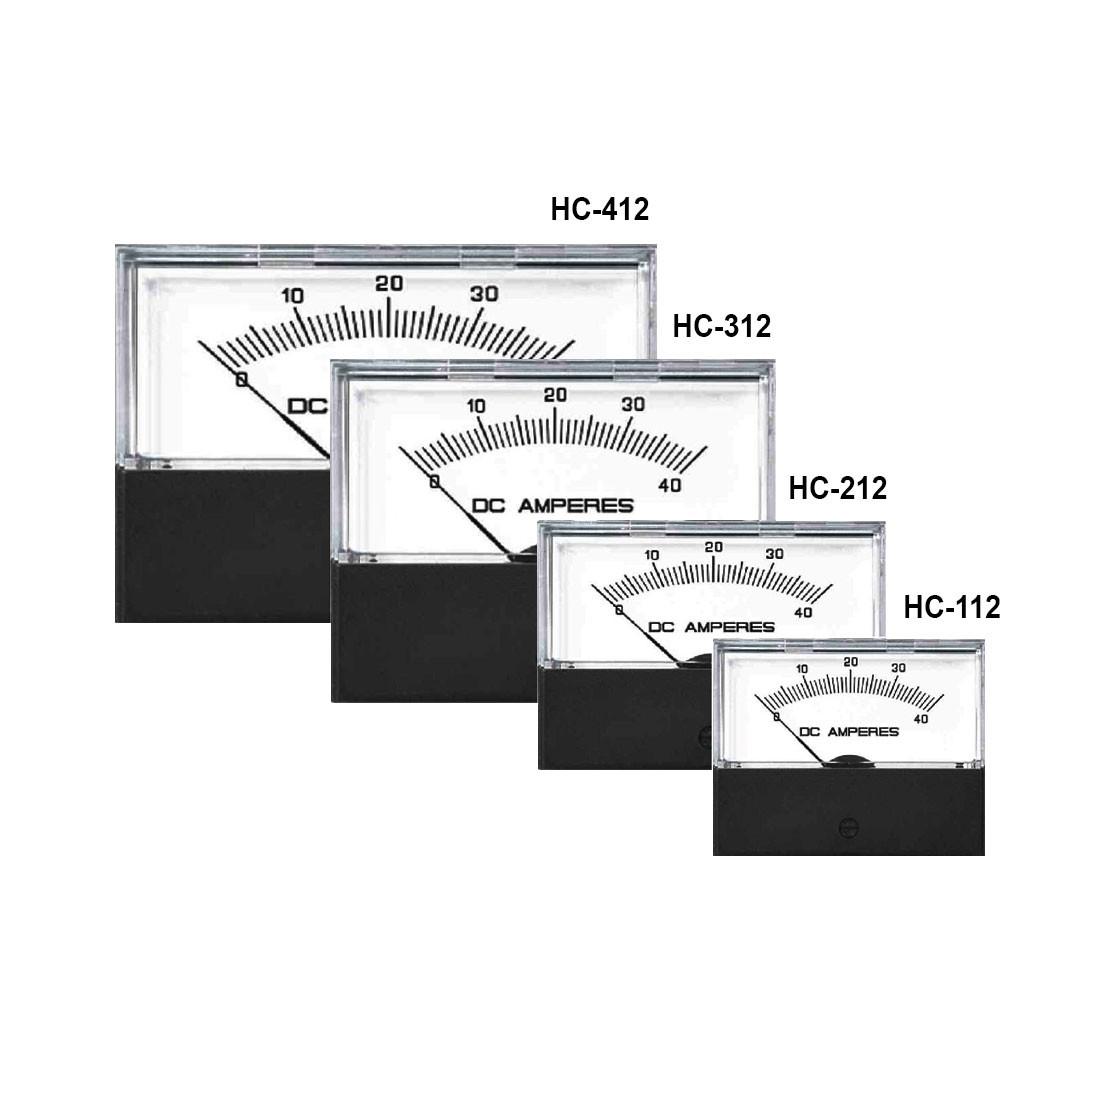 HC-412 AC or DC Analog Panel Meter